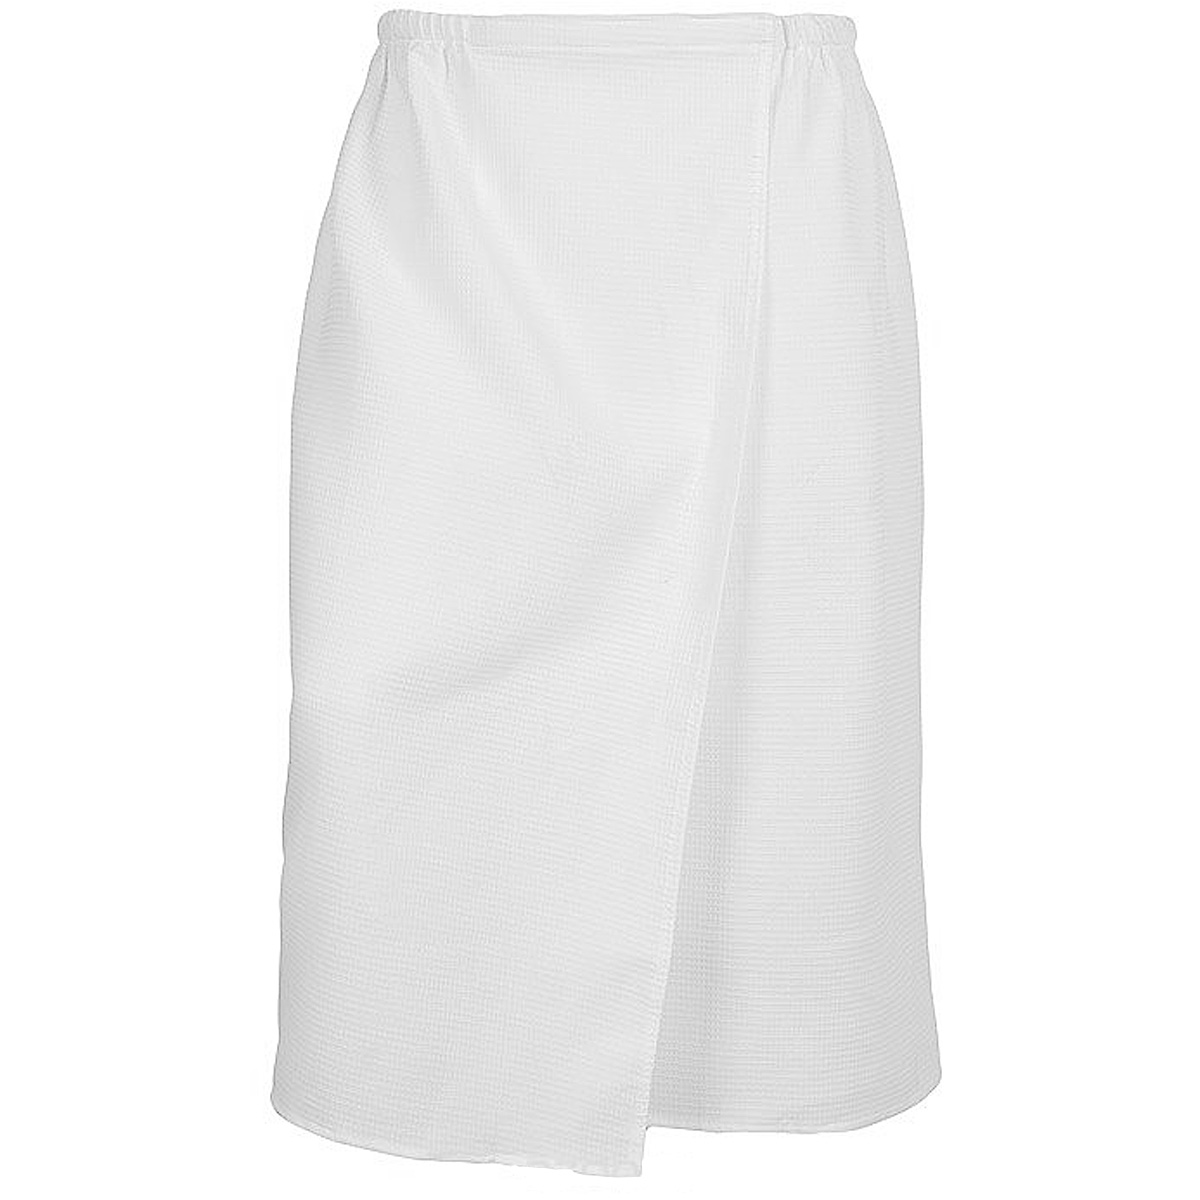 Килт для бани и сауны Банные штучки, мужской, цвет: белый килт для бани и сауны eva мужской цвет оливковый